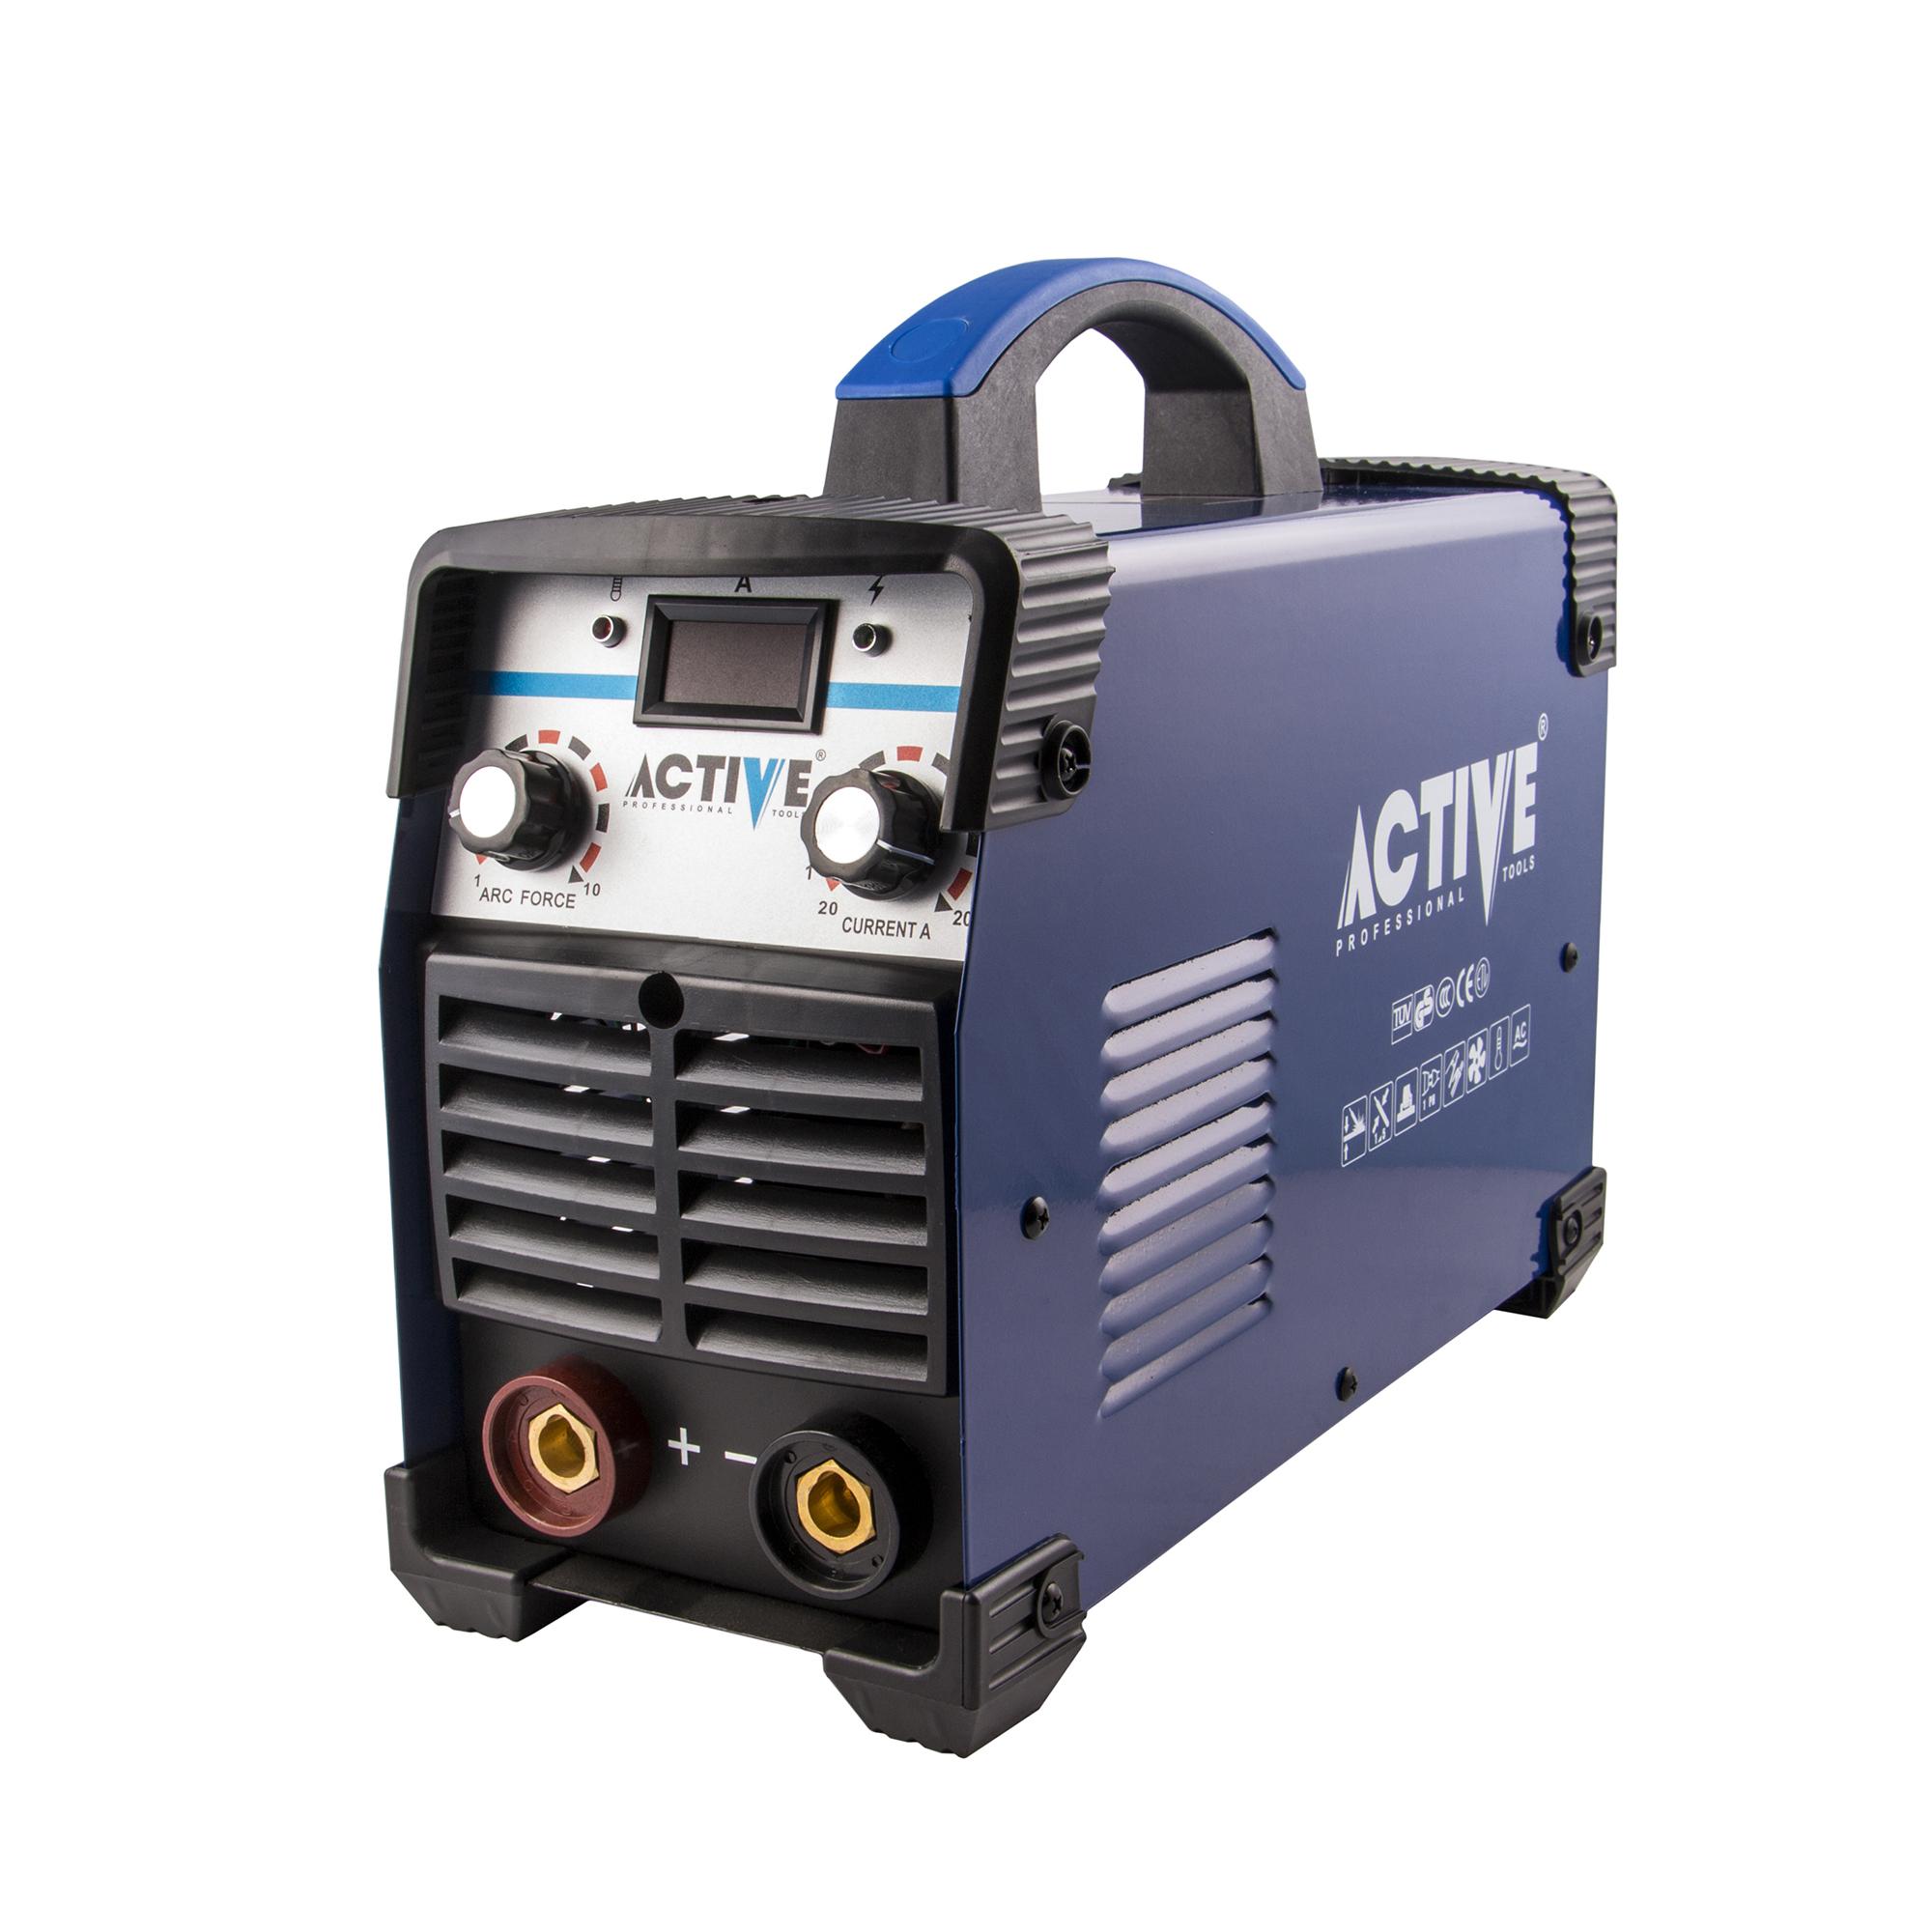 دستگاه جوش صنعتی 200 آمپر اکتیو مدل AC-48200